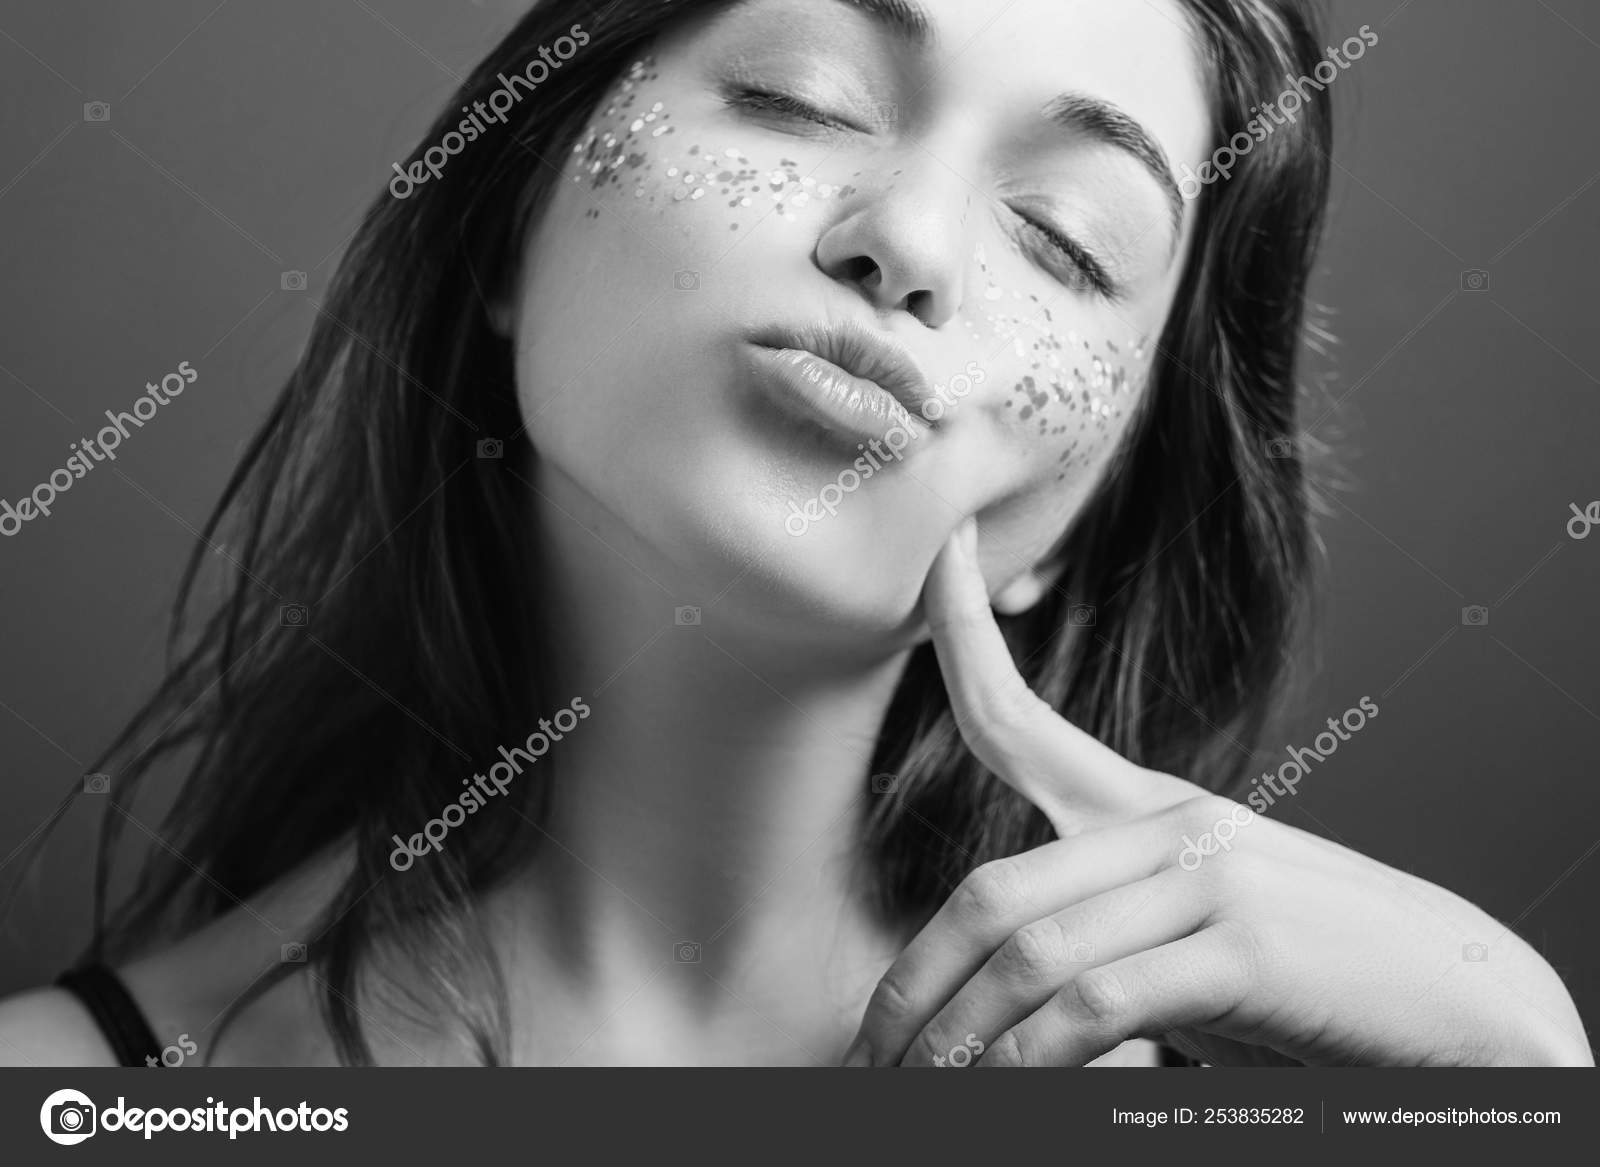 Teasing woman nature narcissist portrait pout lips — Stock